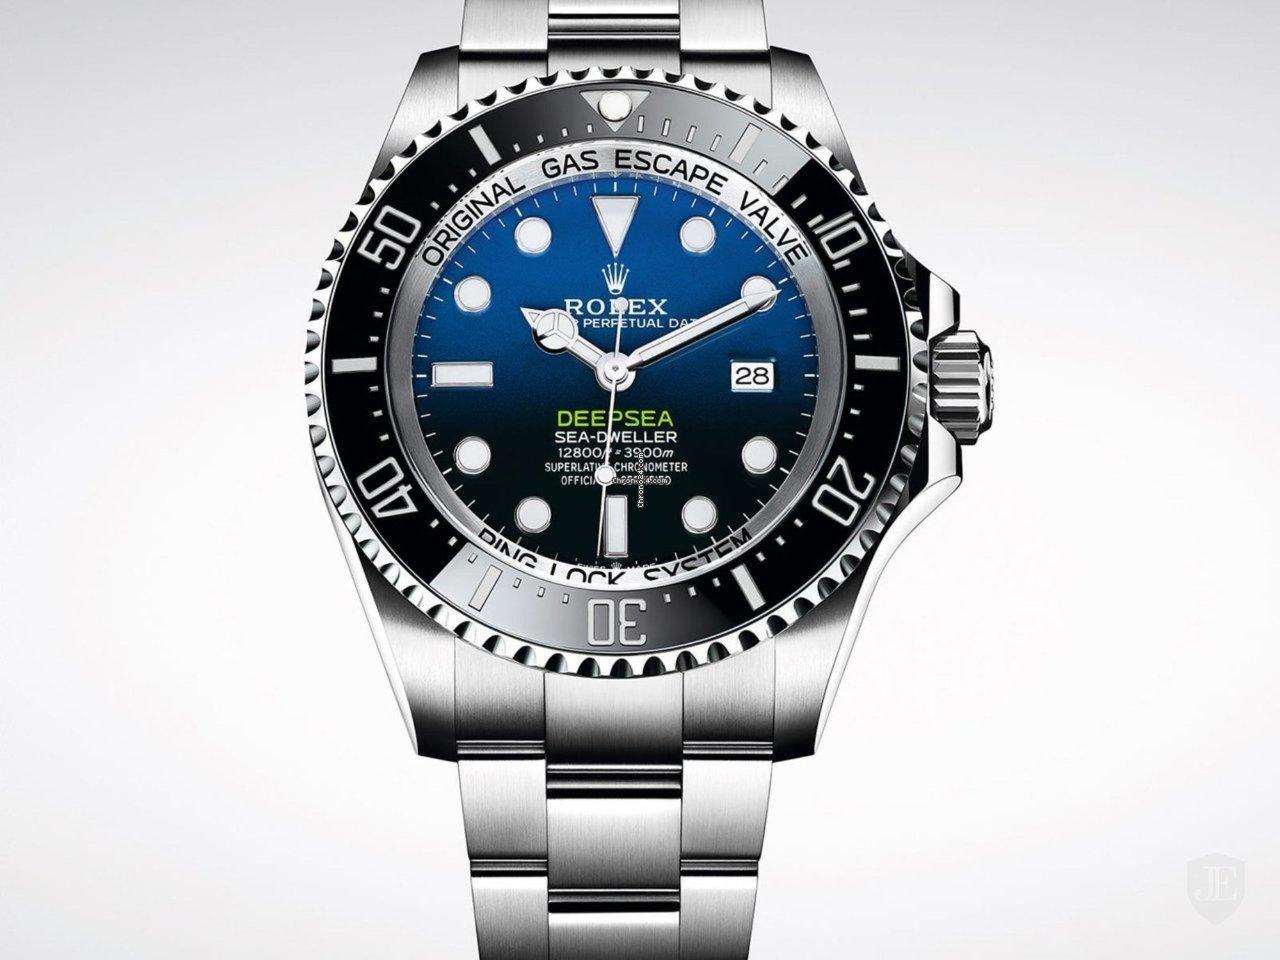 246b0208cb4 AMULETI LUXURY ITALIAN GROUP 1963 – Watches currently on Chrono24